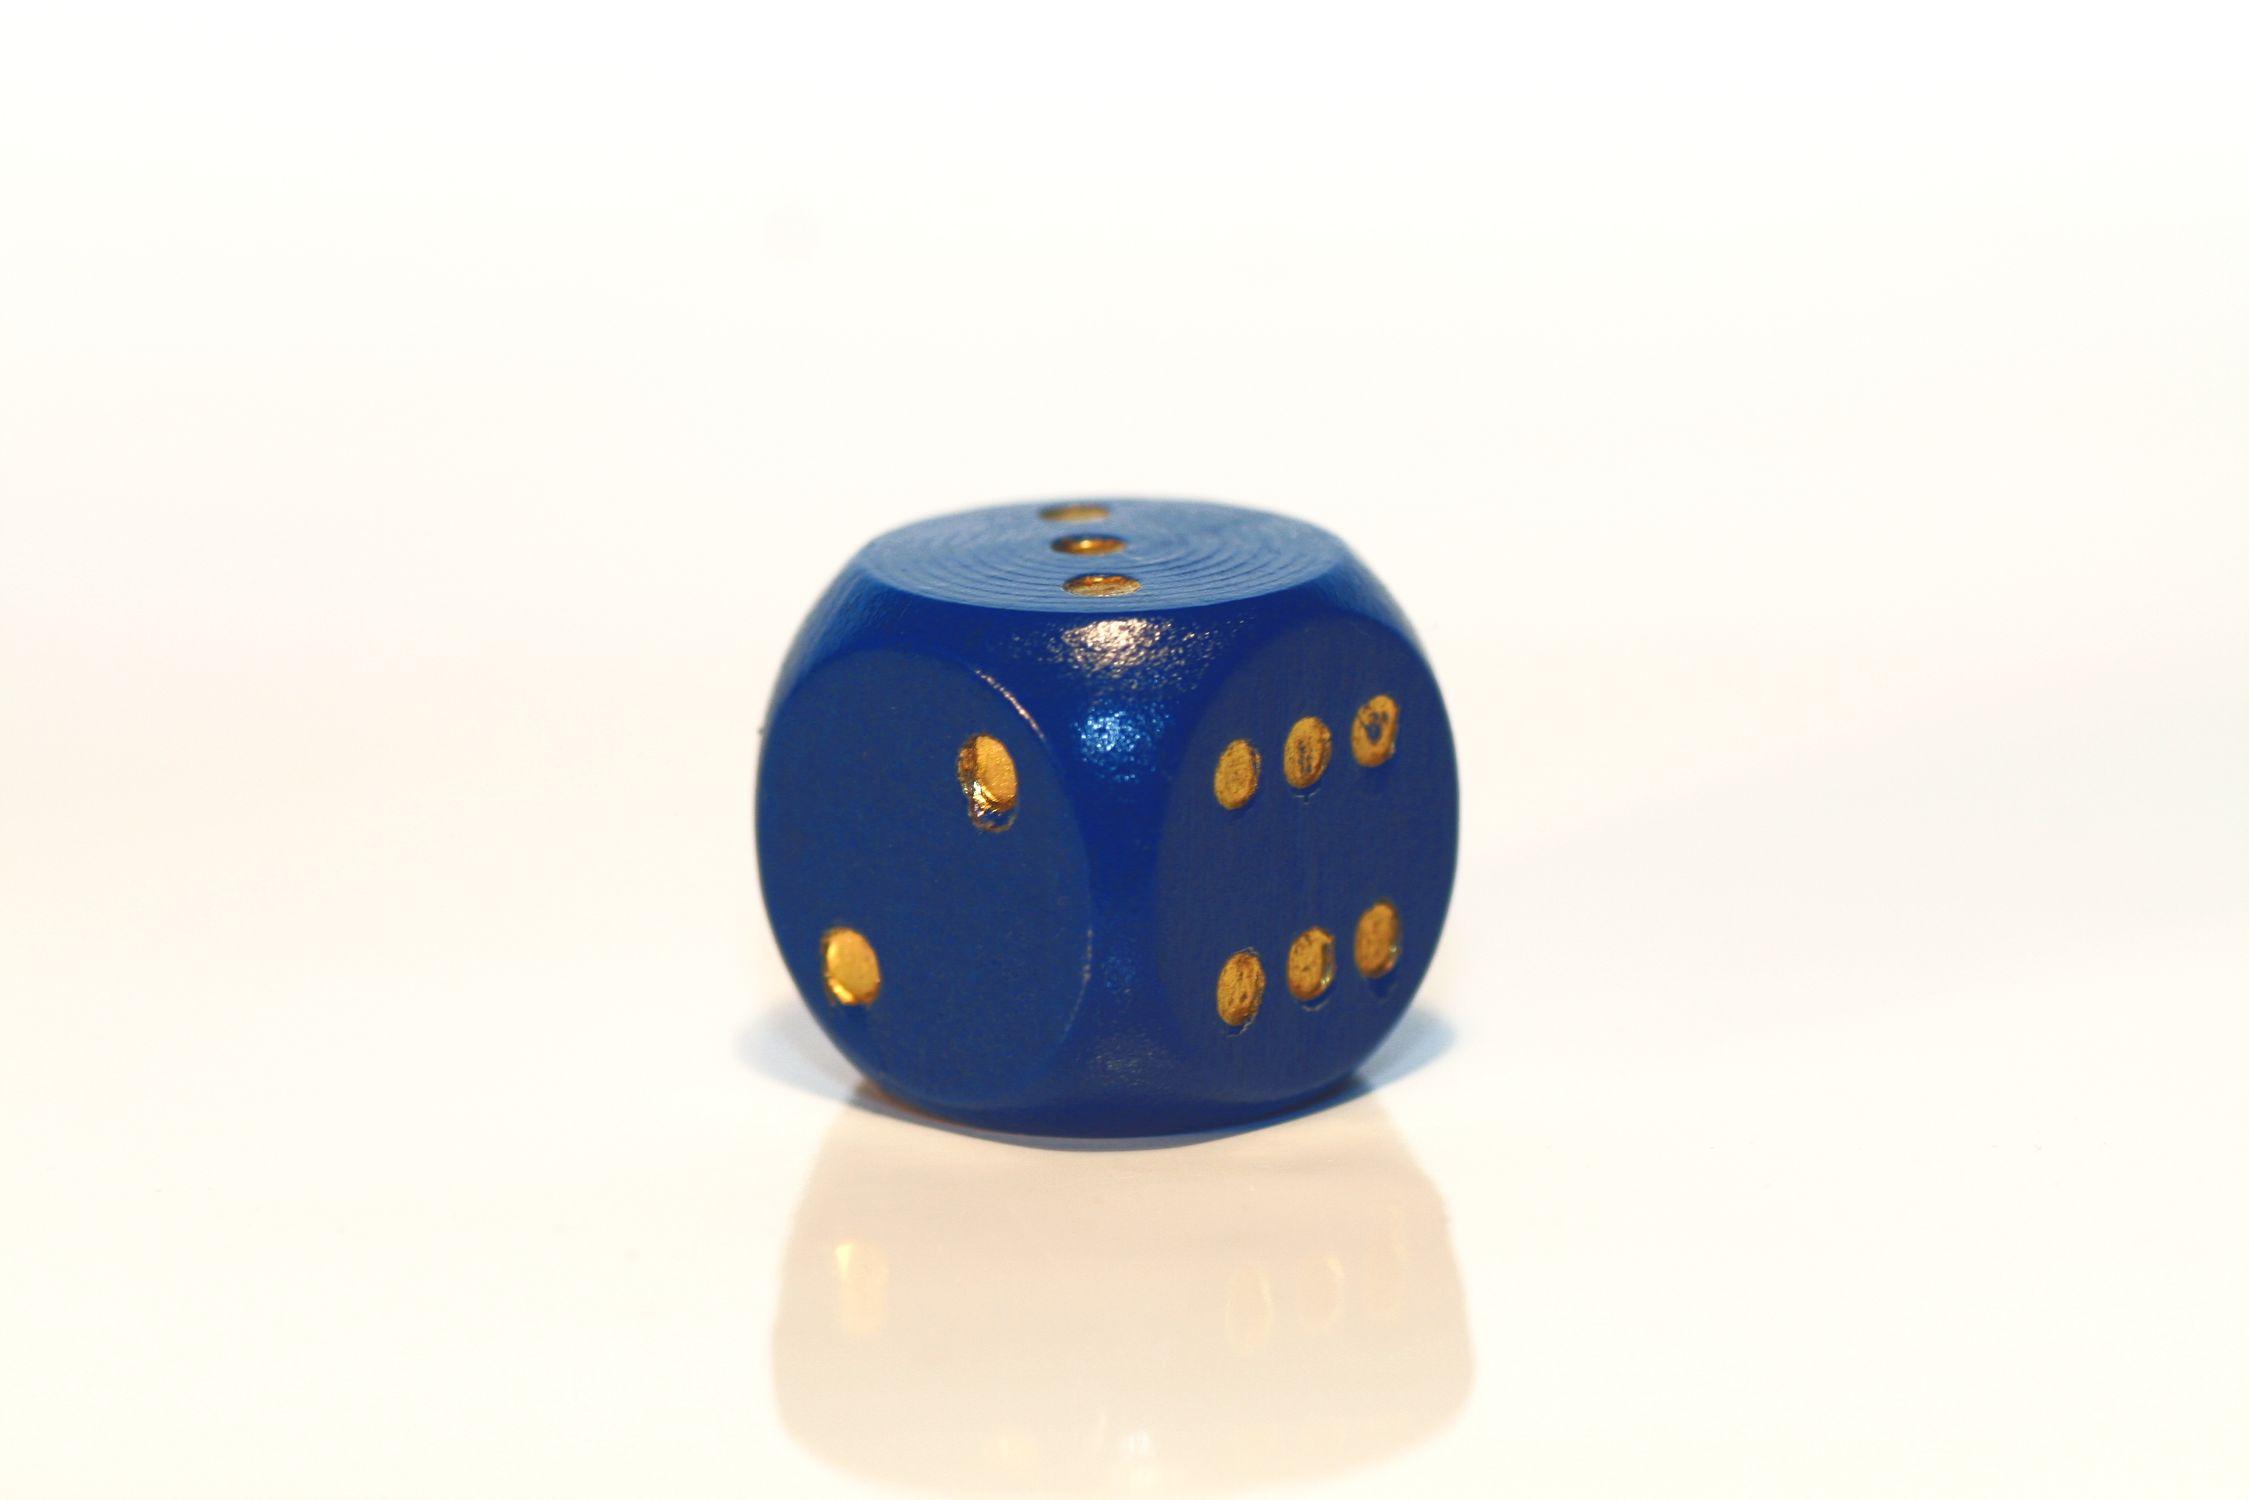 Bild mit Farben, Gegenstände, Blau, Spiele und Spielzeuge